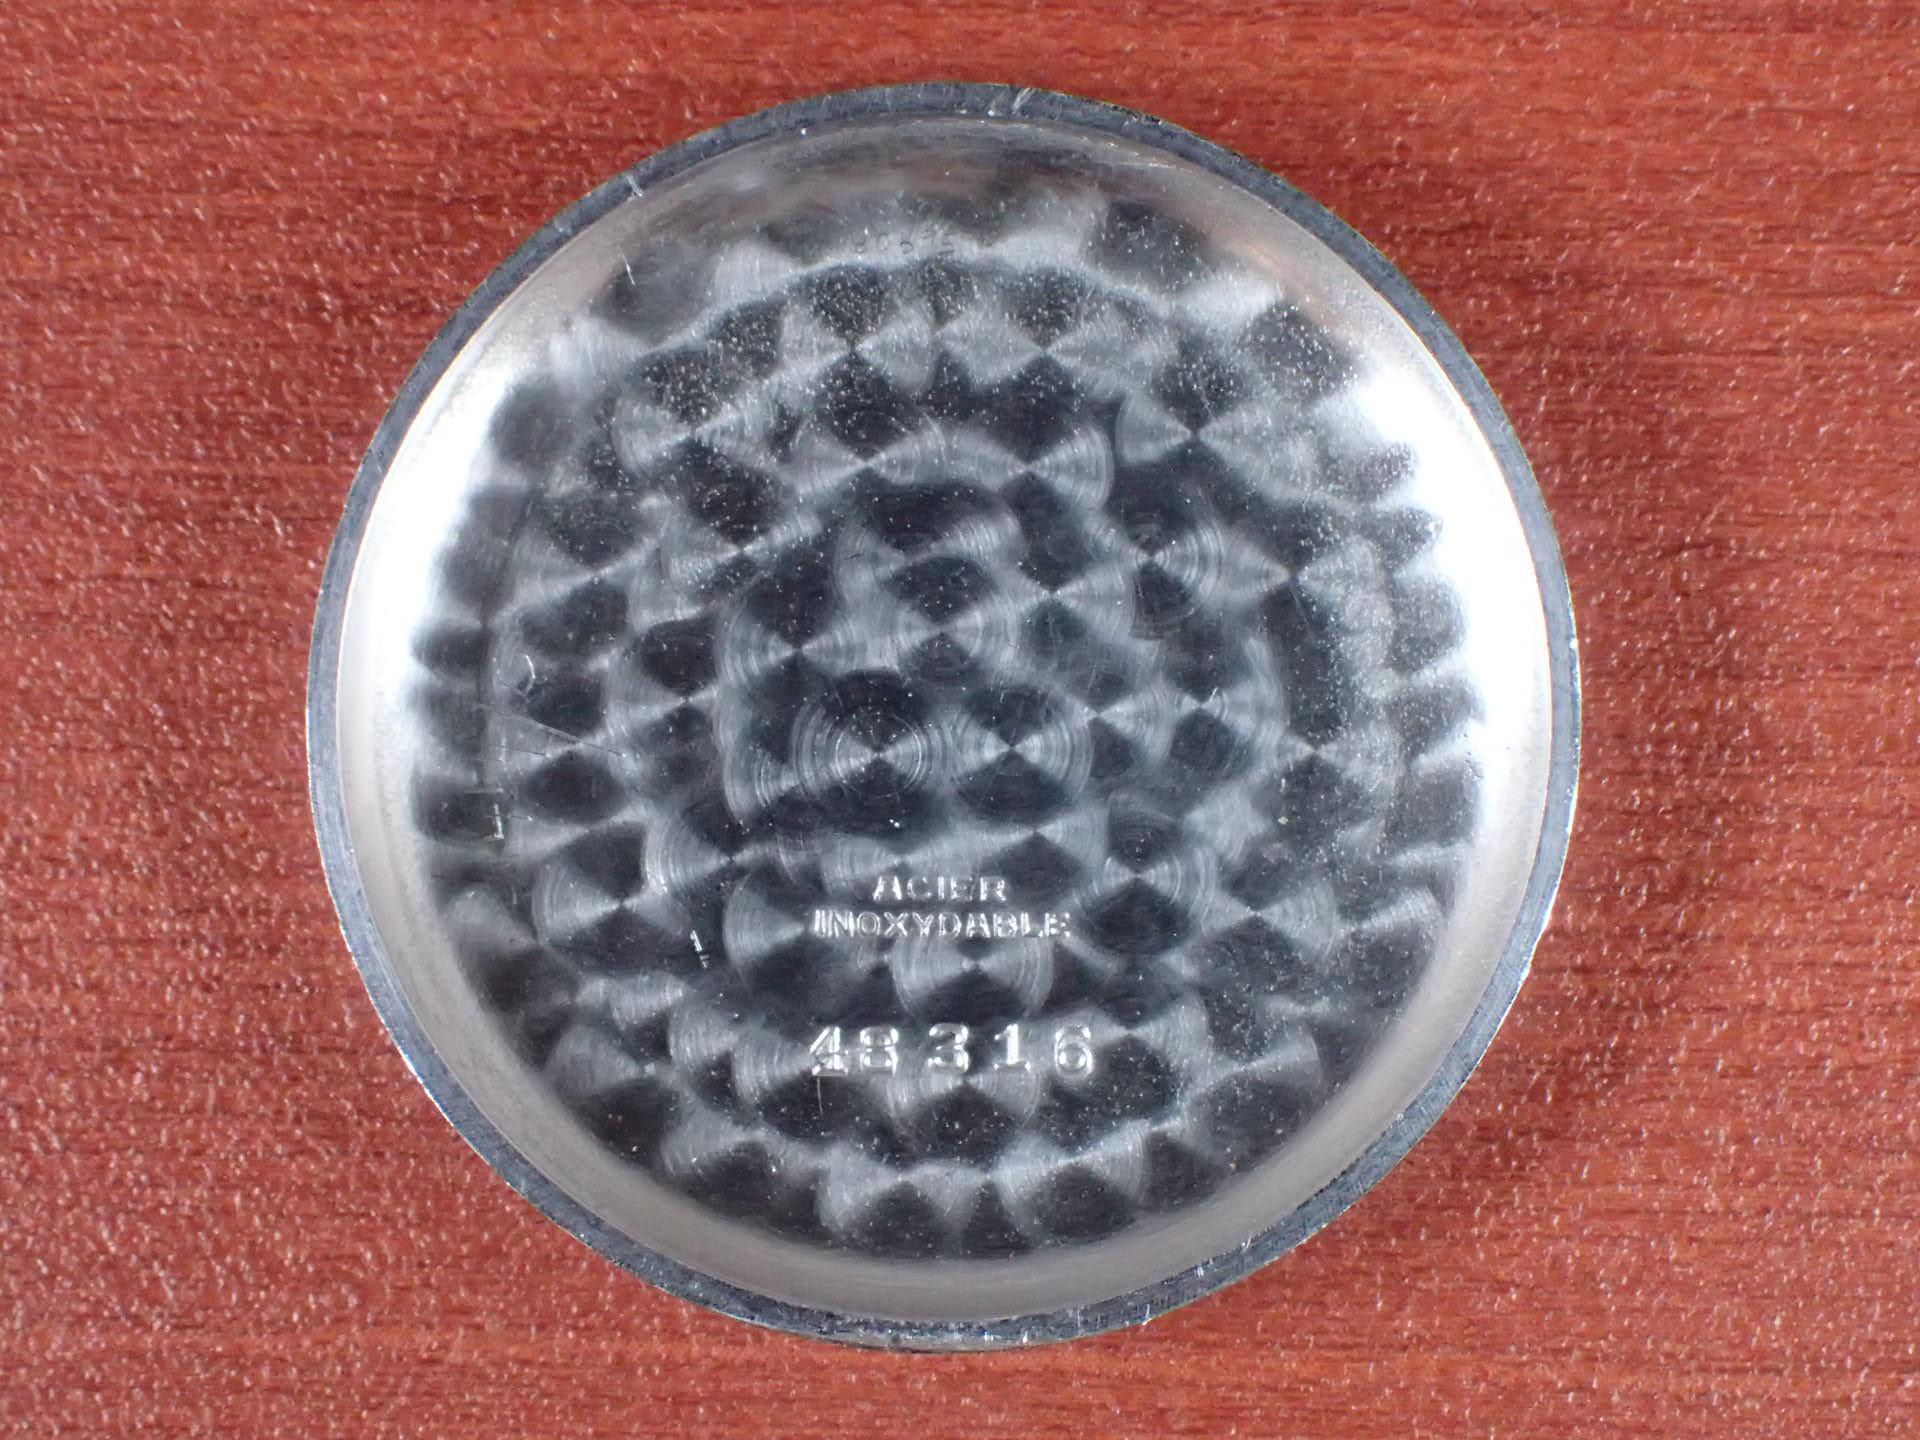 ホイヤー クロノグラフ ビッグアイ ランデロン13 ブラックDL 1940年代の写真6枚目